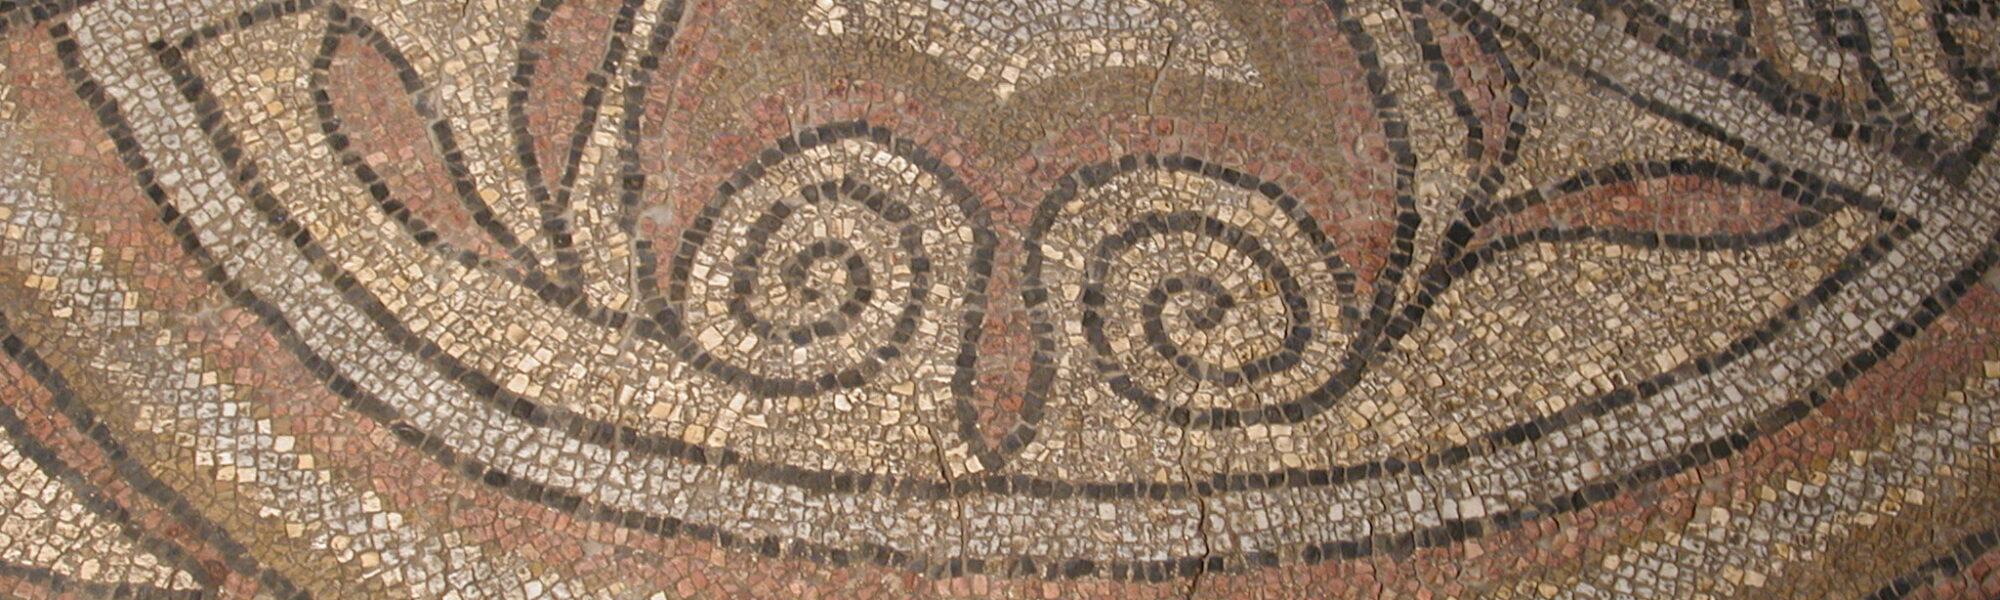 """CONSTANȚA – """"Oraşul meu din mozaic"""": Lucrările de artă de la trecerile de pietoni vor fi tratate cu o soluţie antiderapantă"""